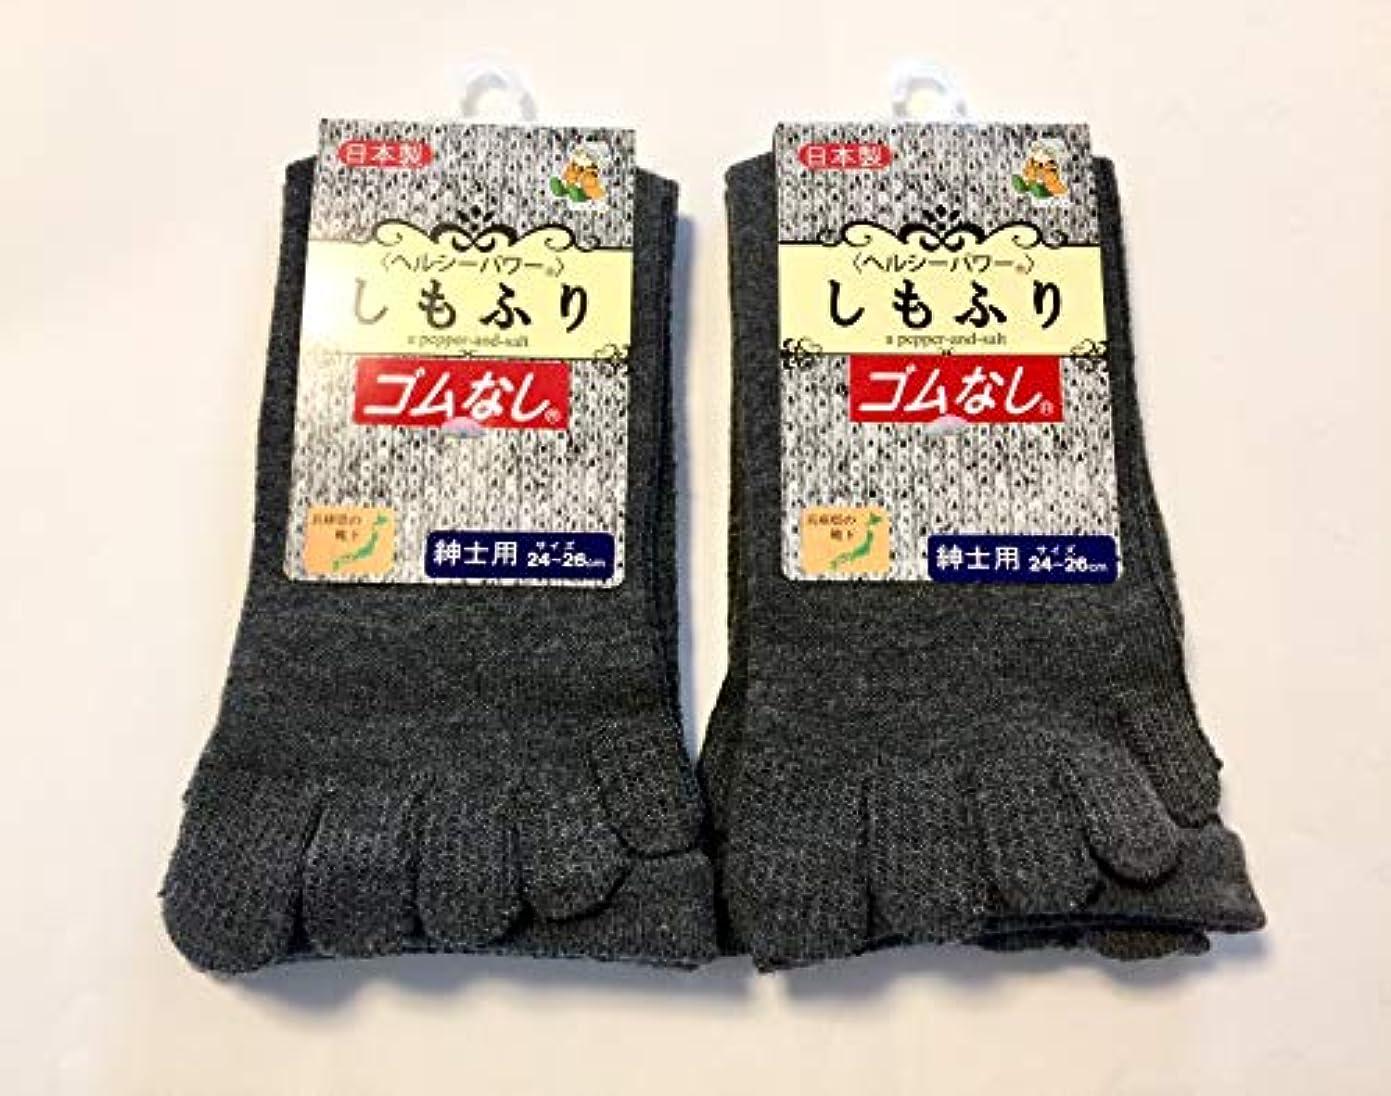 黒くする砲兵シンボル日本製 5本指ソックス メンズ 口ゴムなし しめつけない靴下 24~26cm チャコール2足組